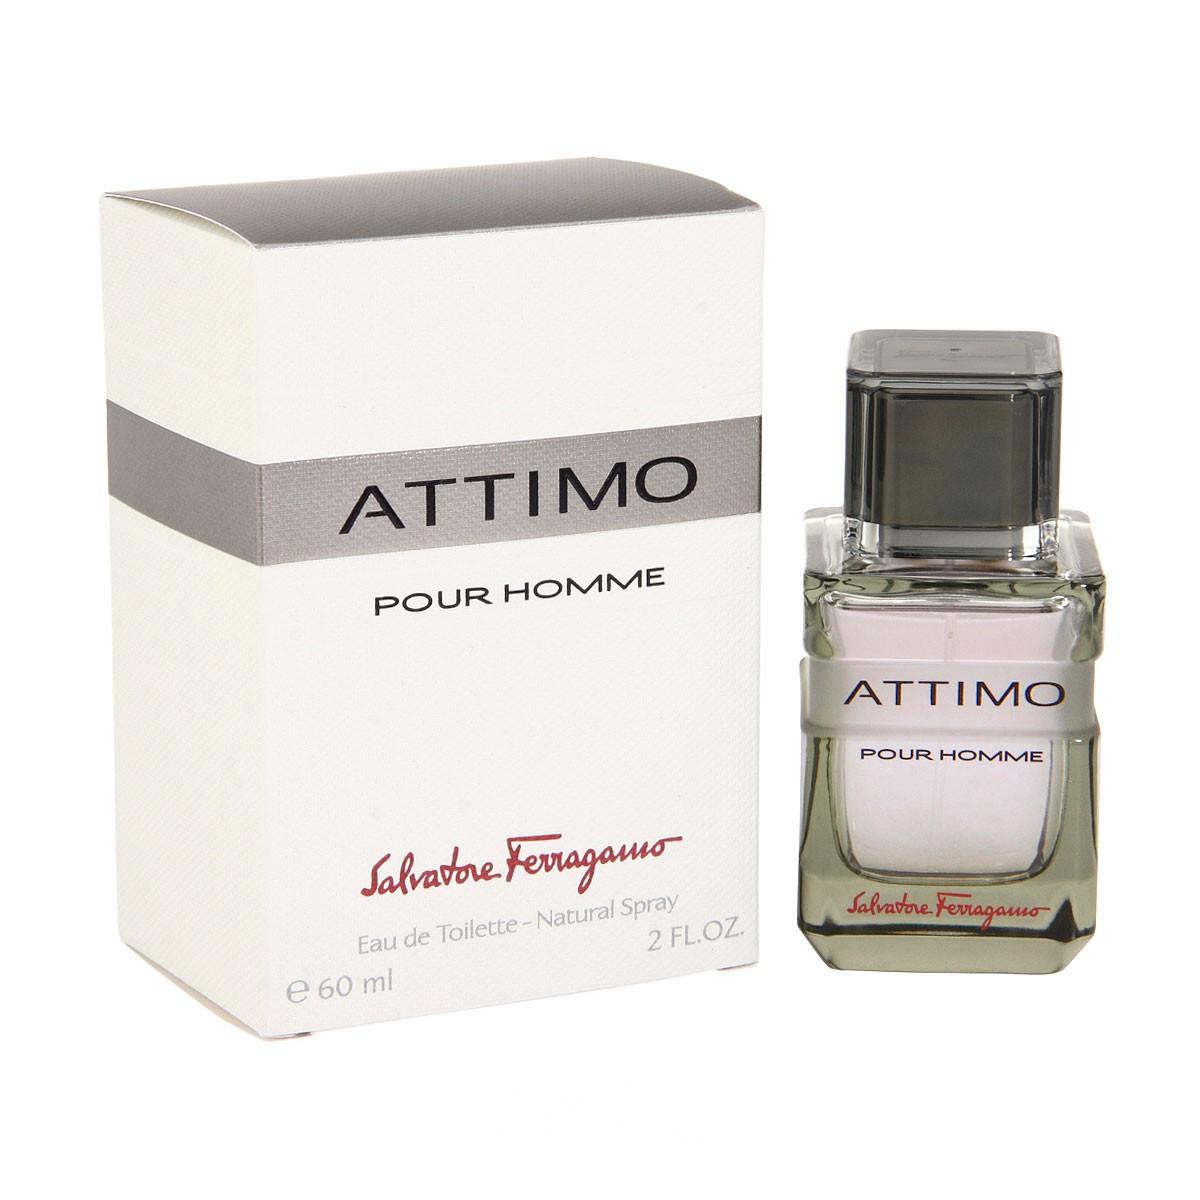 Attimo Pour Homme Salvatore Ferragamo eau de toilette spray 60 ml